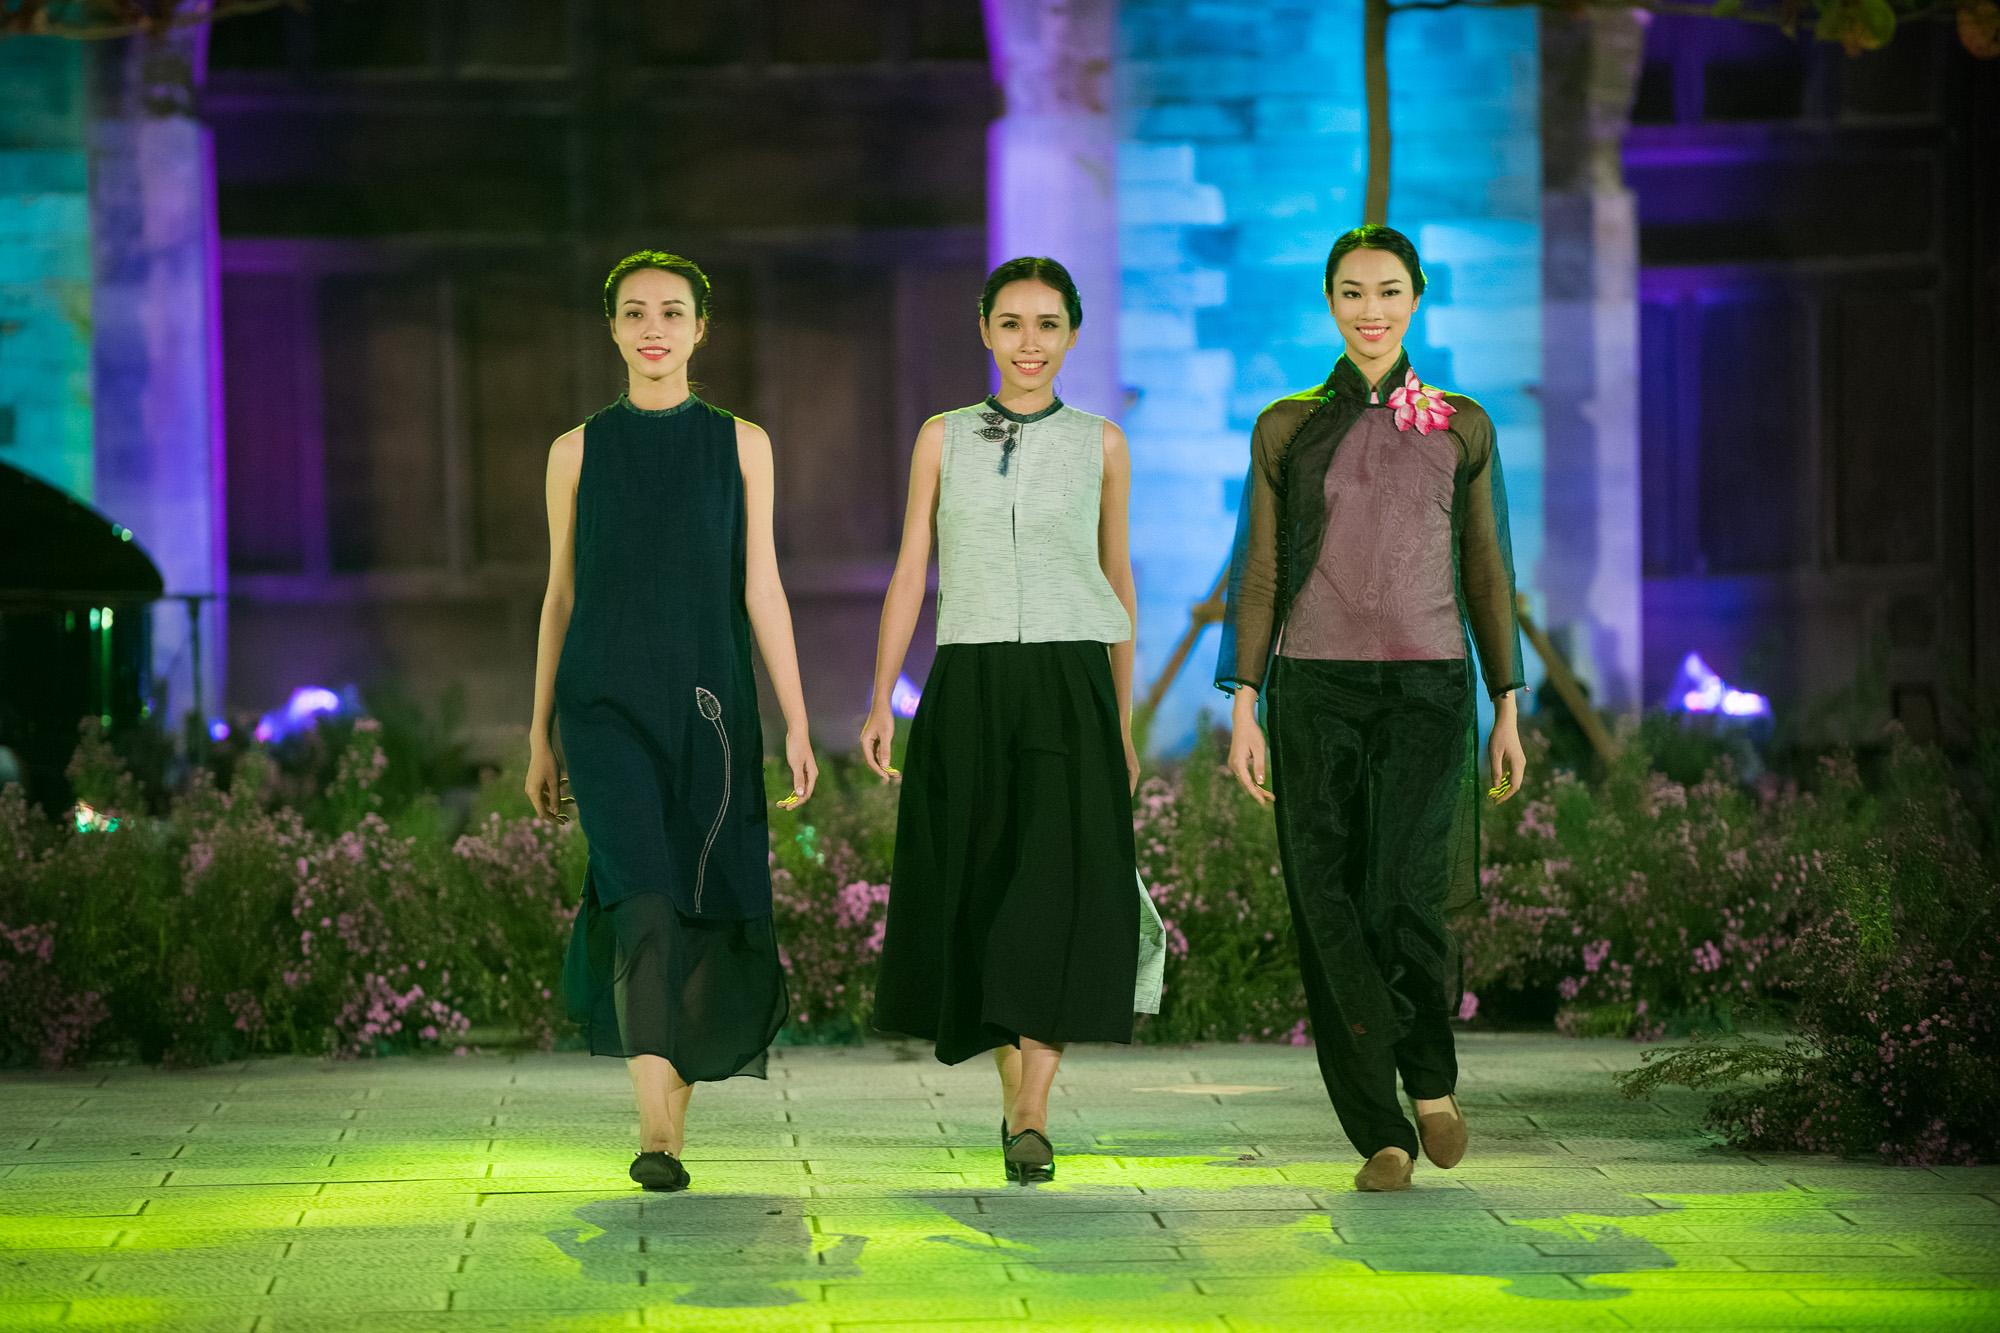 Hàng trăm mẫu áo dài được trình diễn trong Festival Áo dài Hà Nội 2016 2